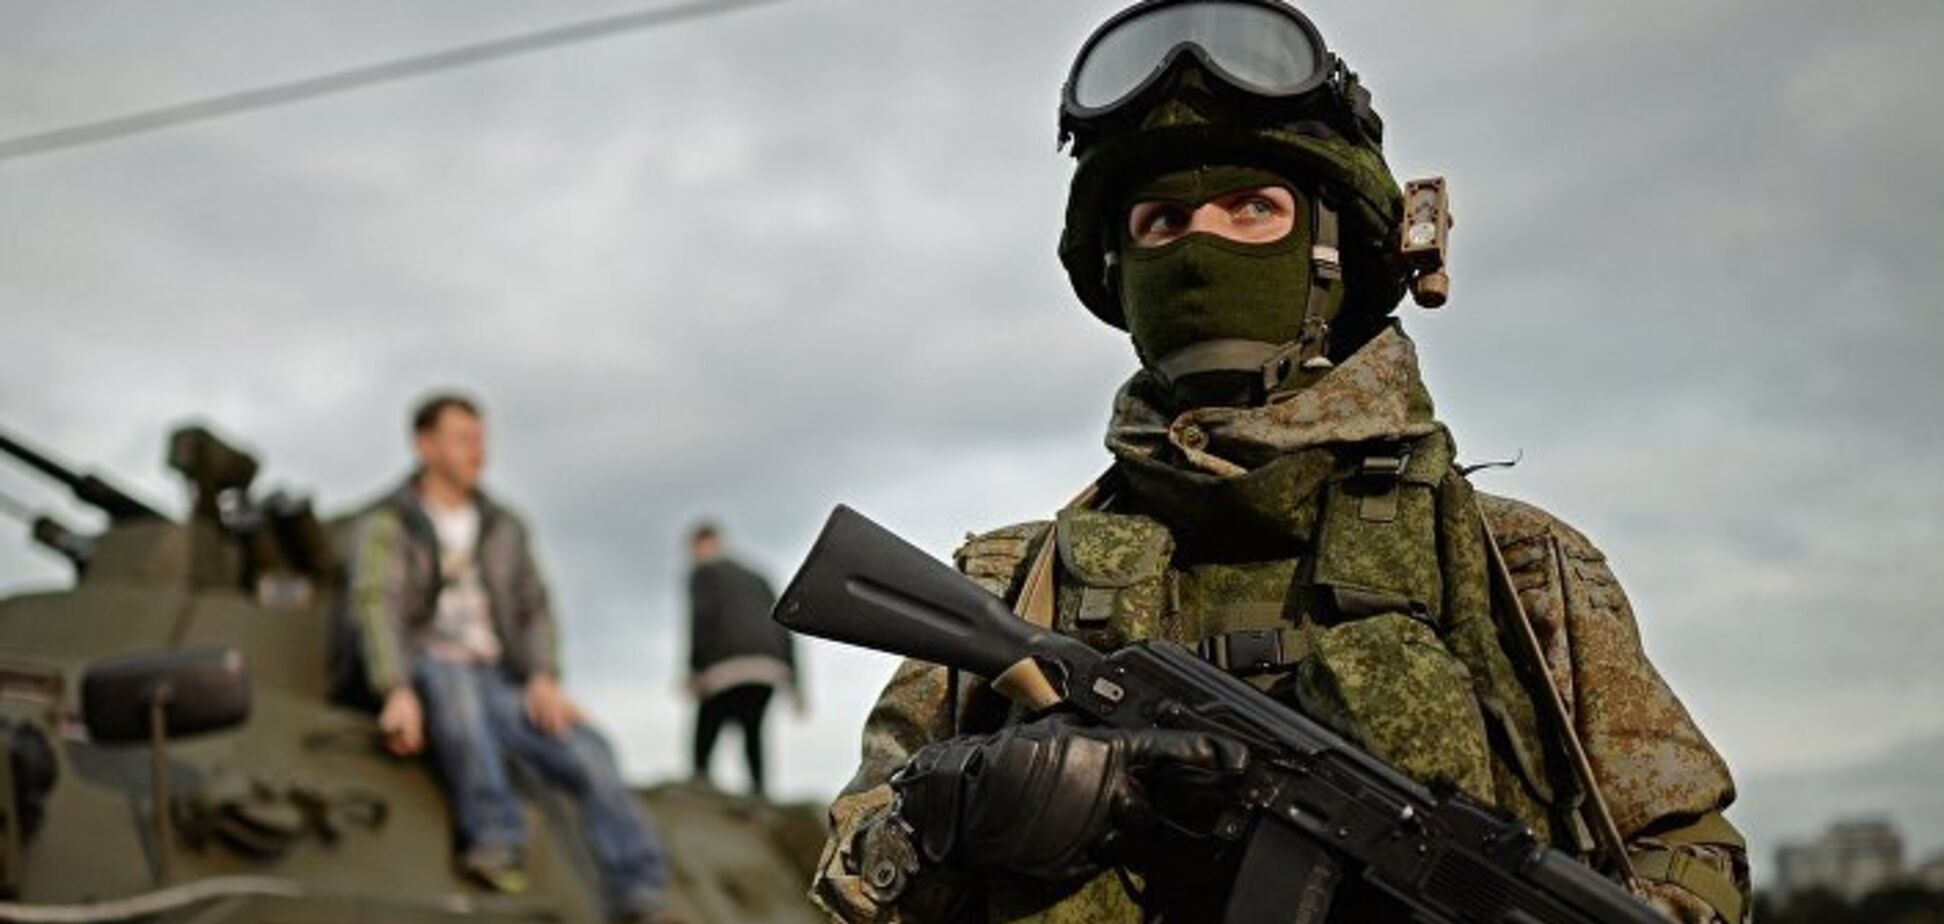 У Кремля появились новые сценарии по подрыву Украины